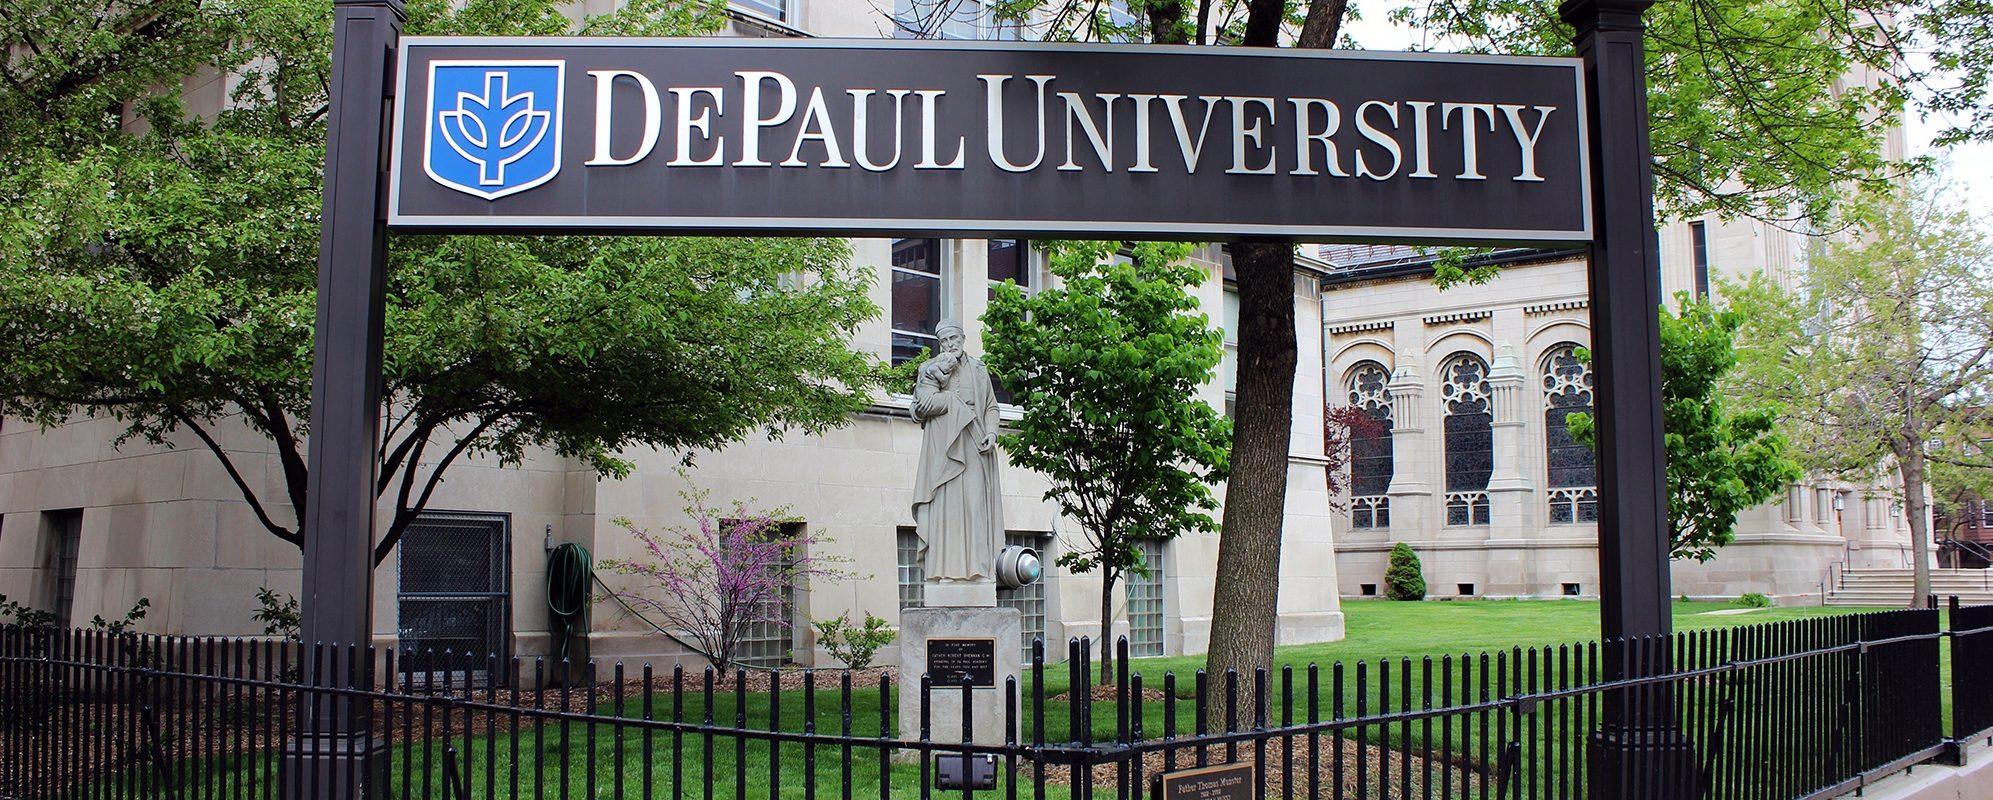 Đại học Depaul